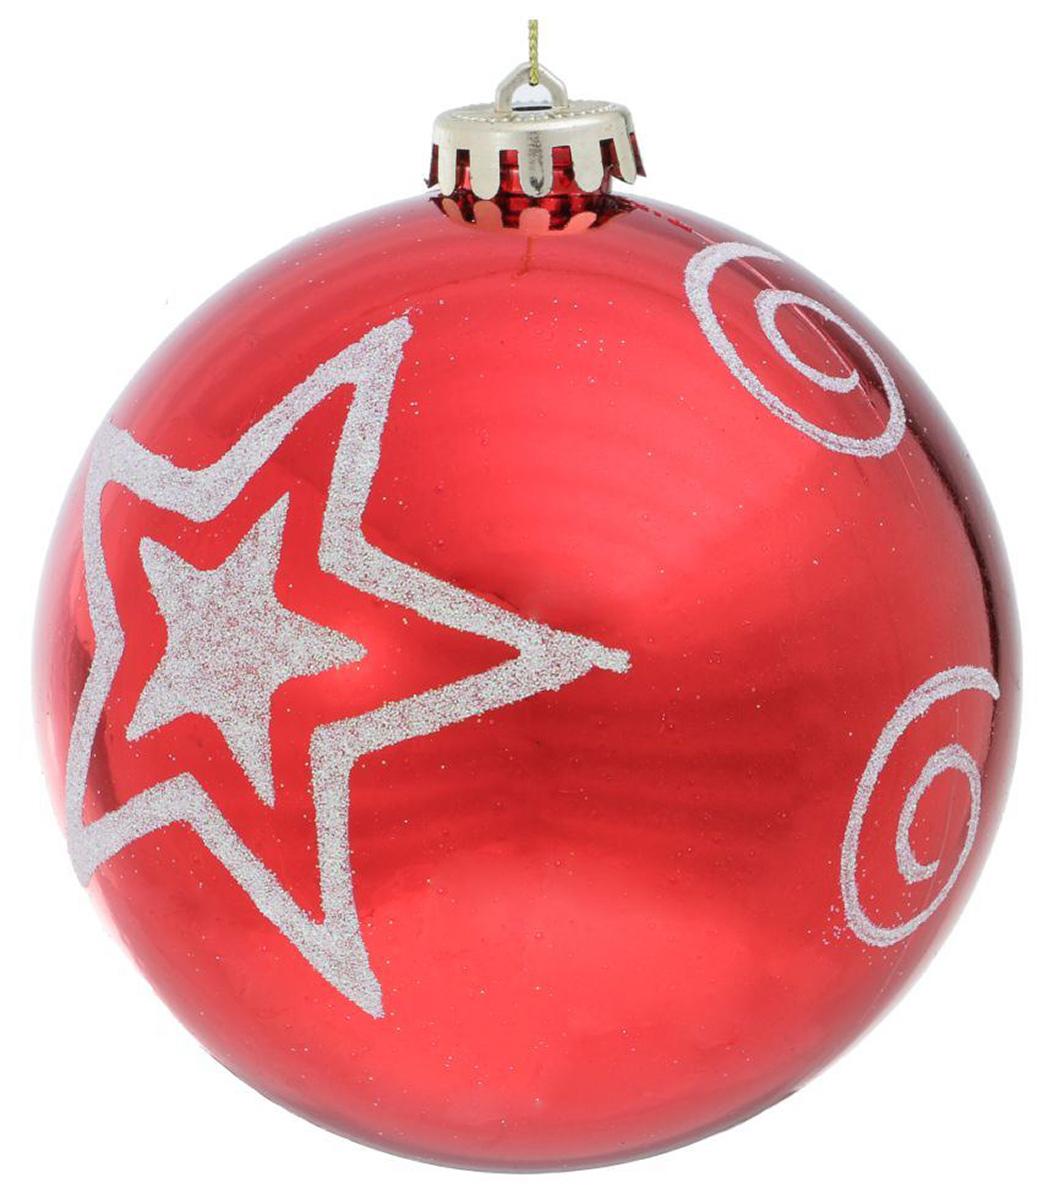 Новогоднее подвесное украшение Sima-land Звезда. Завиток, диаметр 12 см новогоднее подвесное украшение sima land зимний узор диаметр 8 см